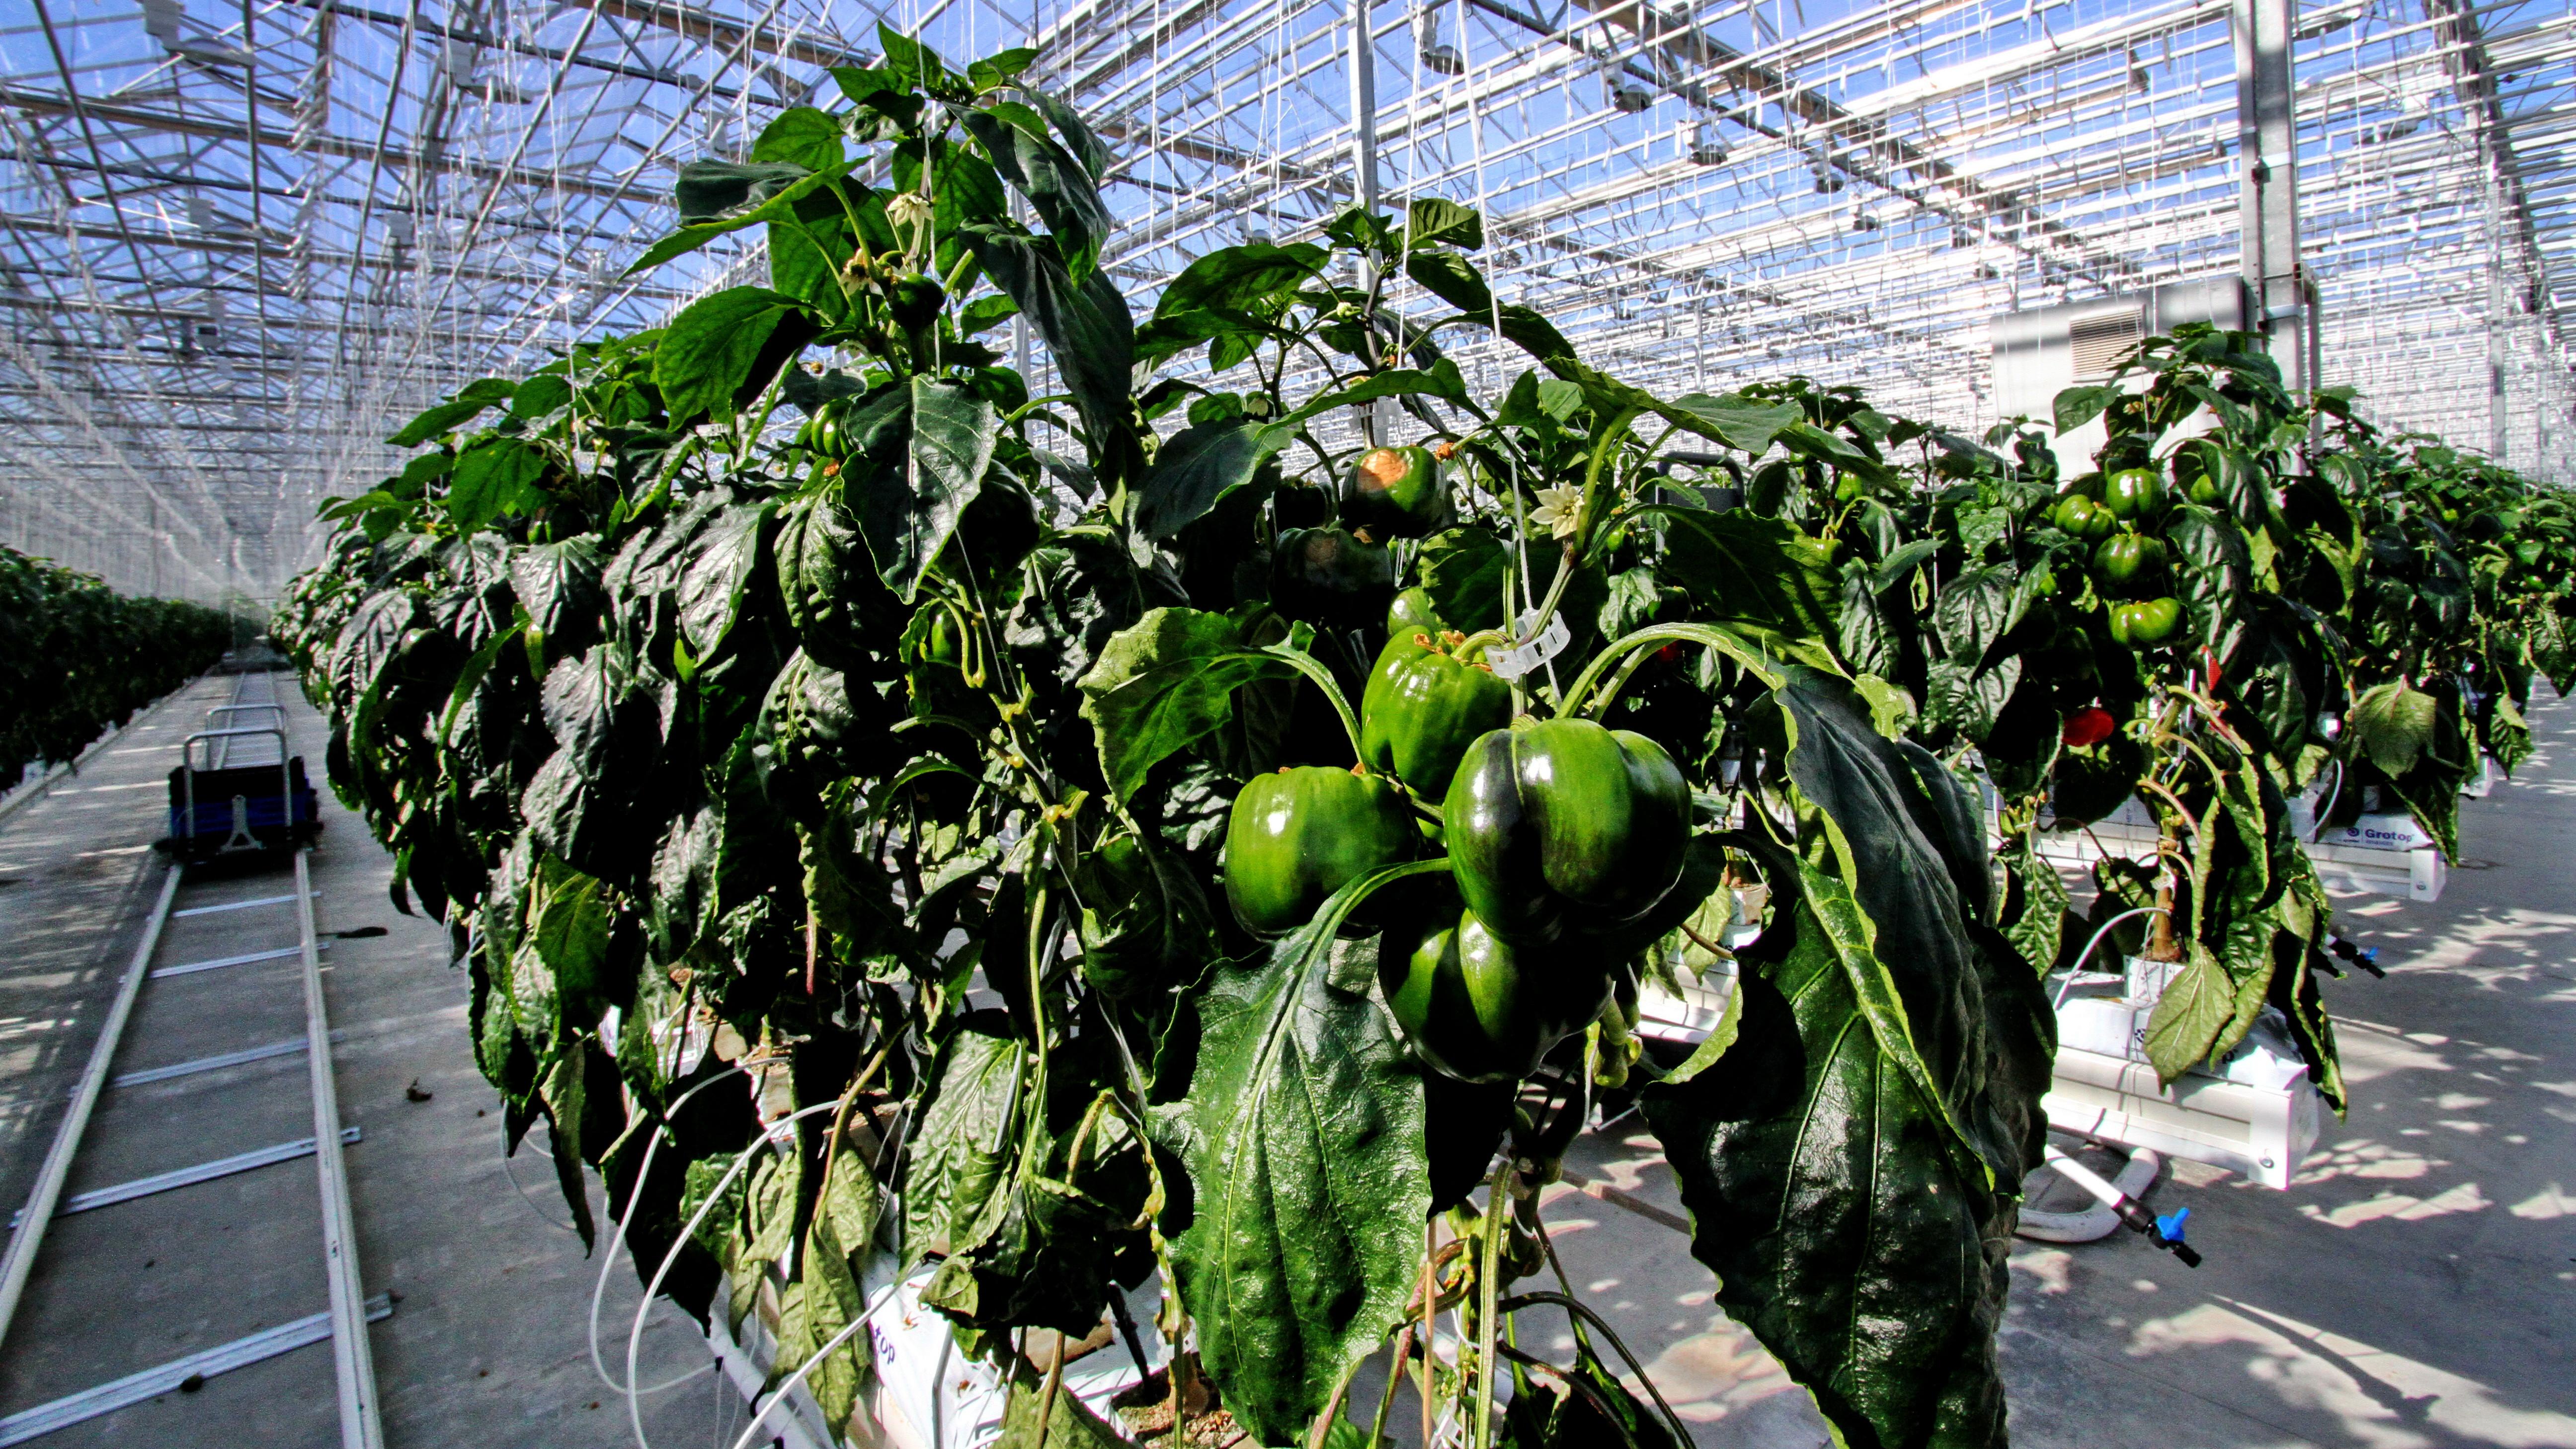 Сбор тепличных овощей в регионе планируется увеличить до 100 тыс. тонн по итогам 2020 года